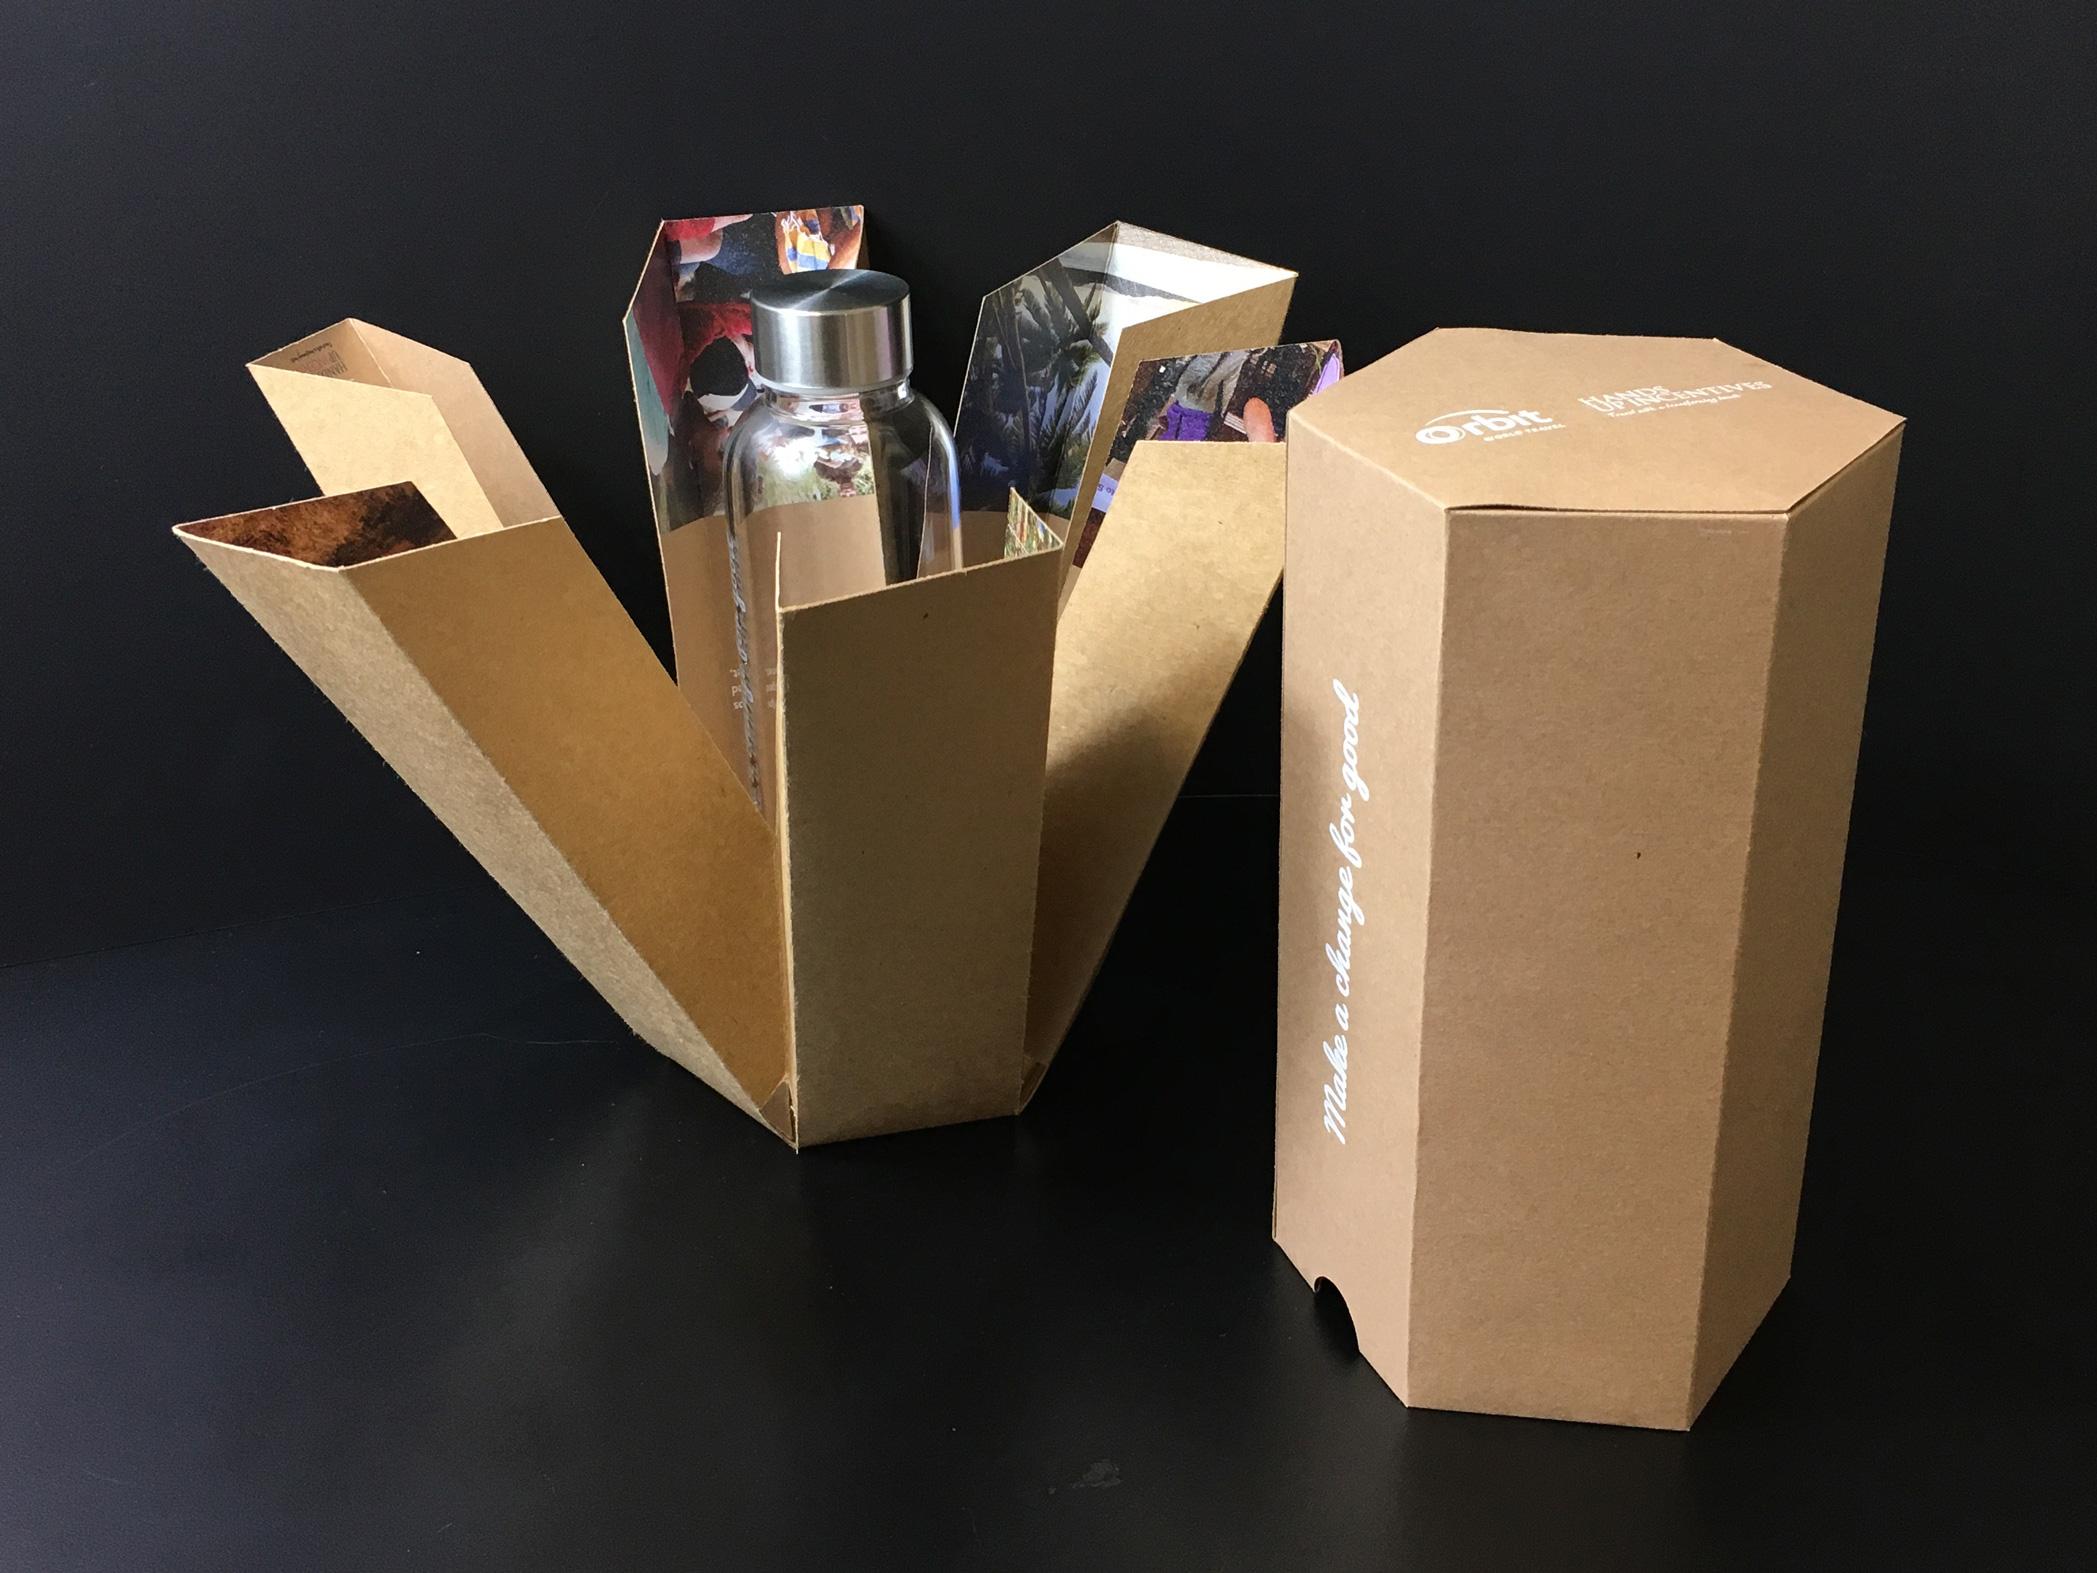 DM_bottle-box-Orbit-opening_LR.jpg